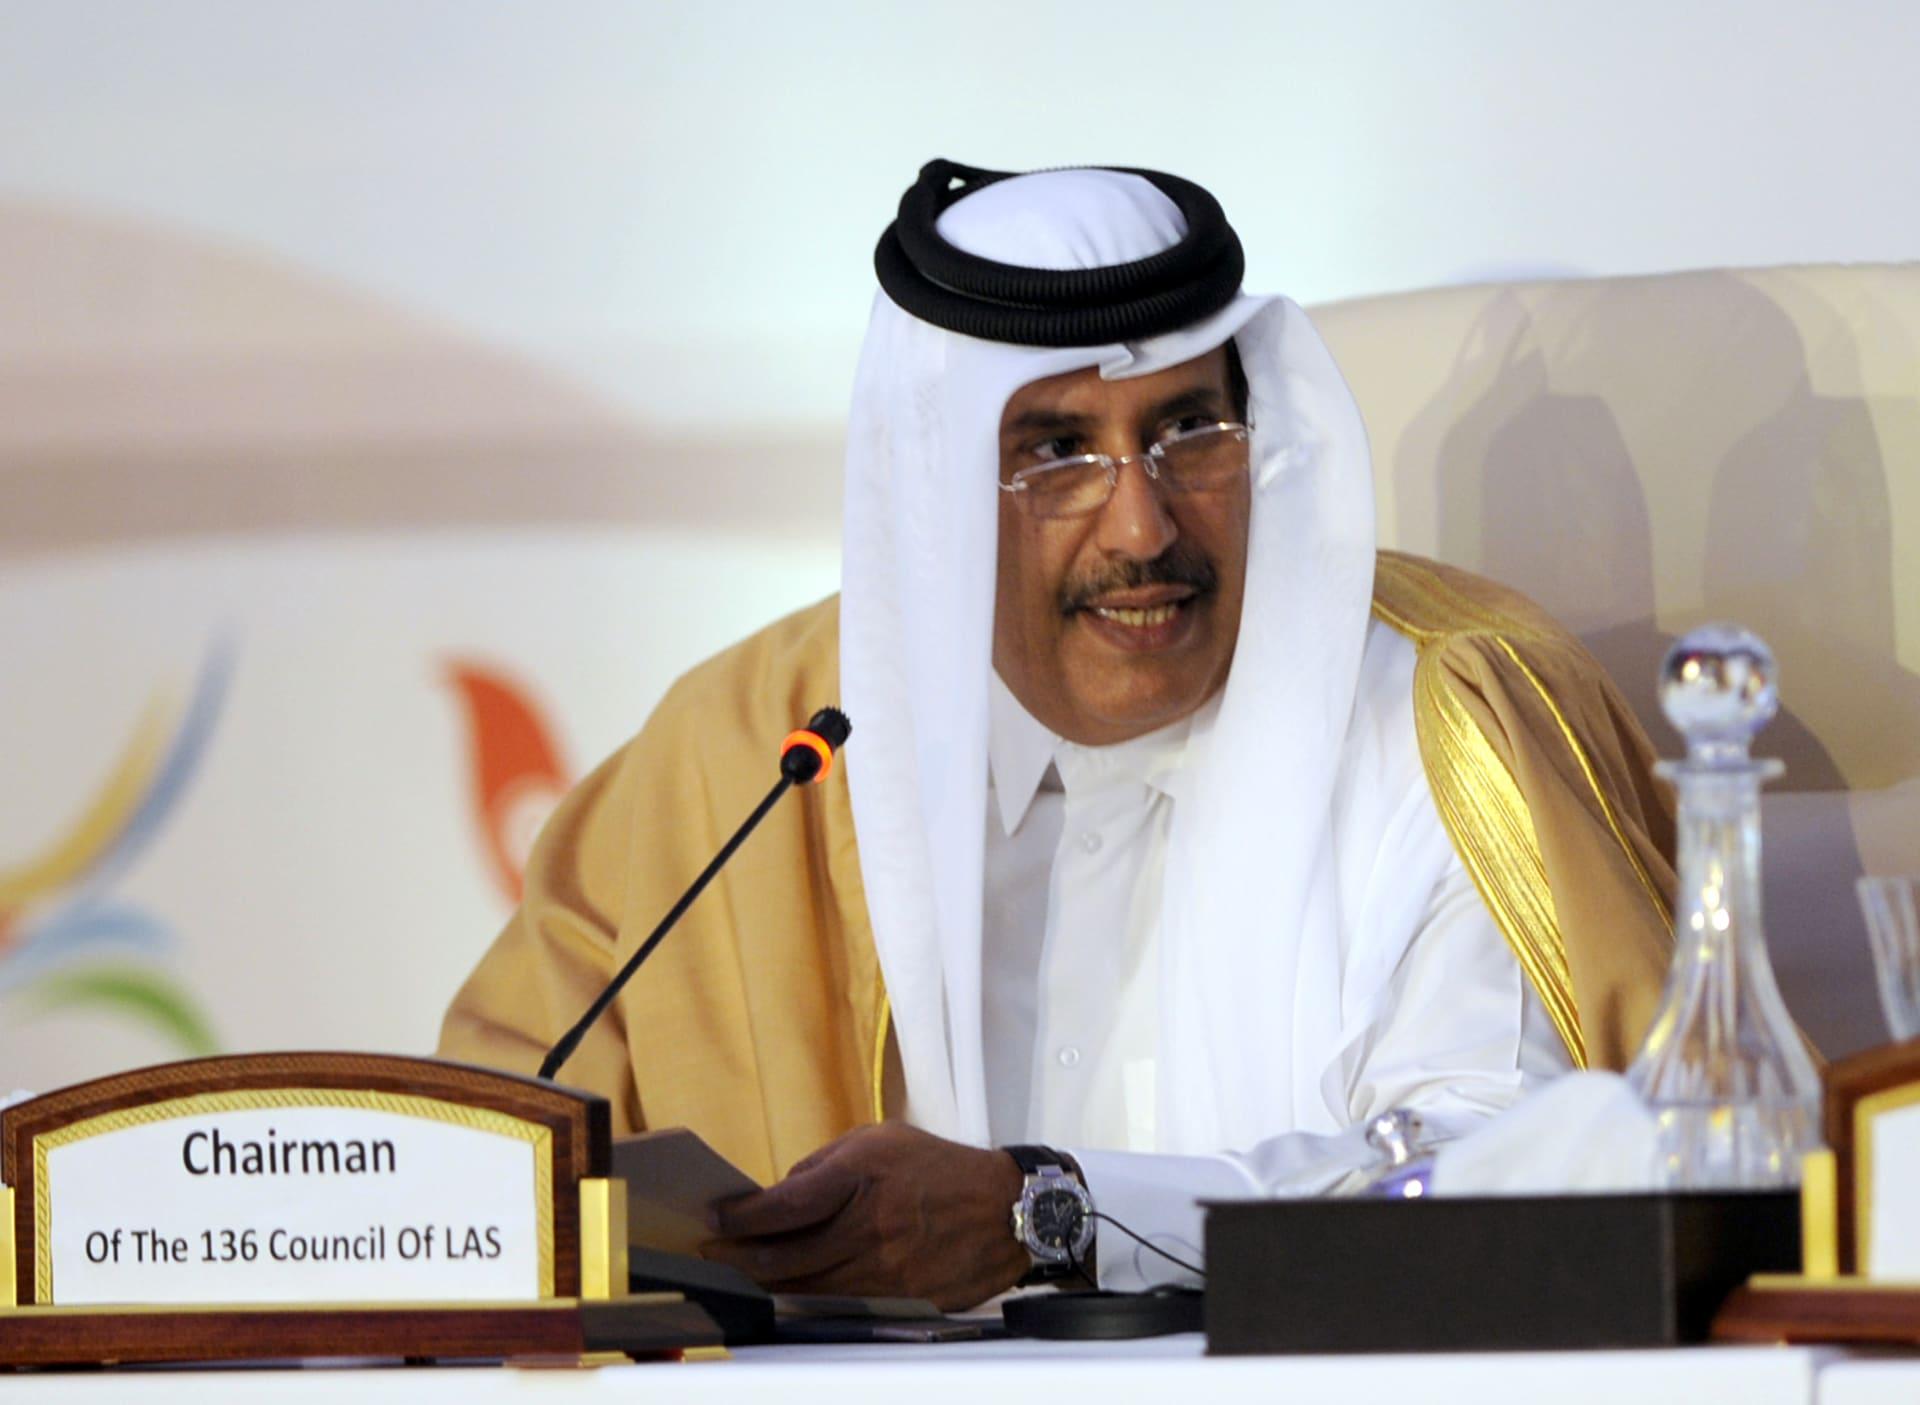 رئيس وزراء قطر السابق يوجه نداء لقادة دول مجلس التعاون الخليجي